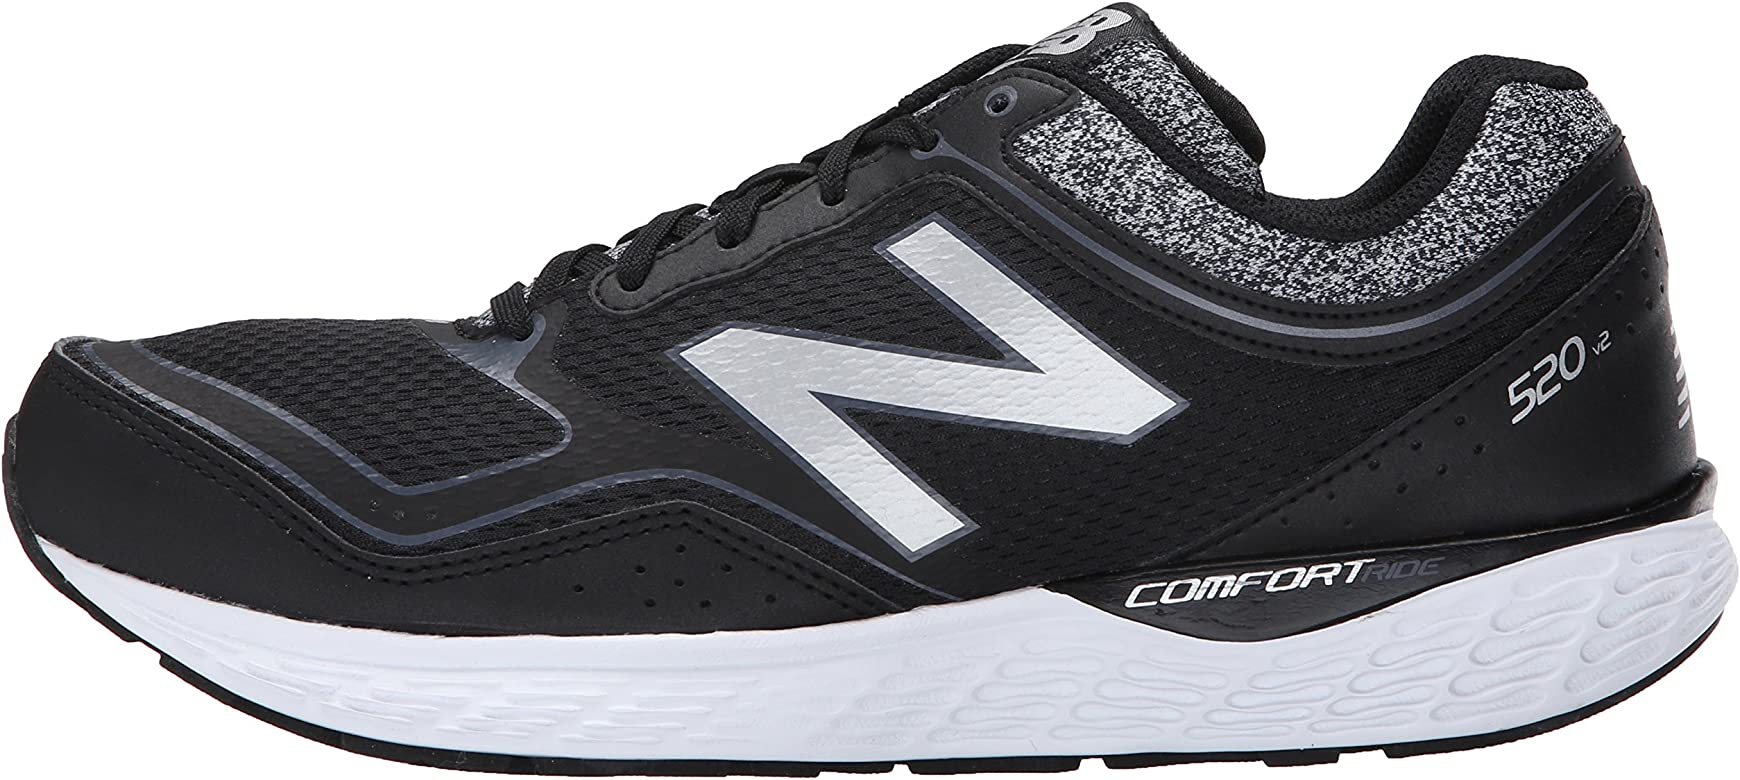 NEW BALANCE FITNESS RUNNING AMORTIGUACIÓN NEUTRAL - Zapatillas de deporte para hombre, color negro, talla 41,5: Amazon.es: Zapatos y complementos